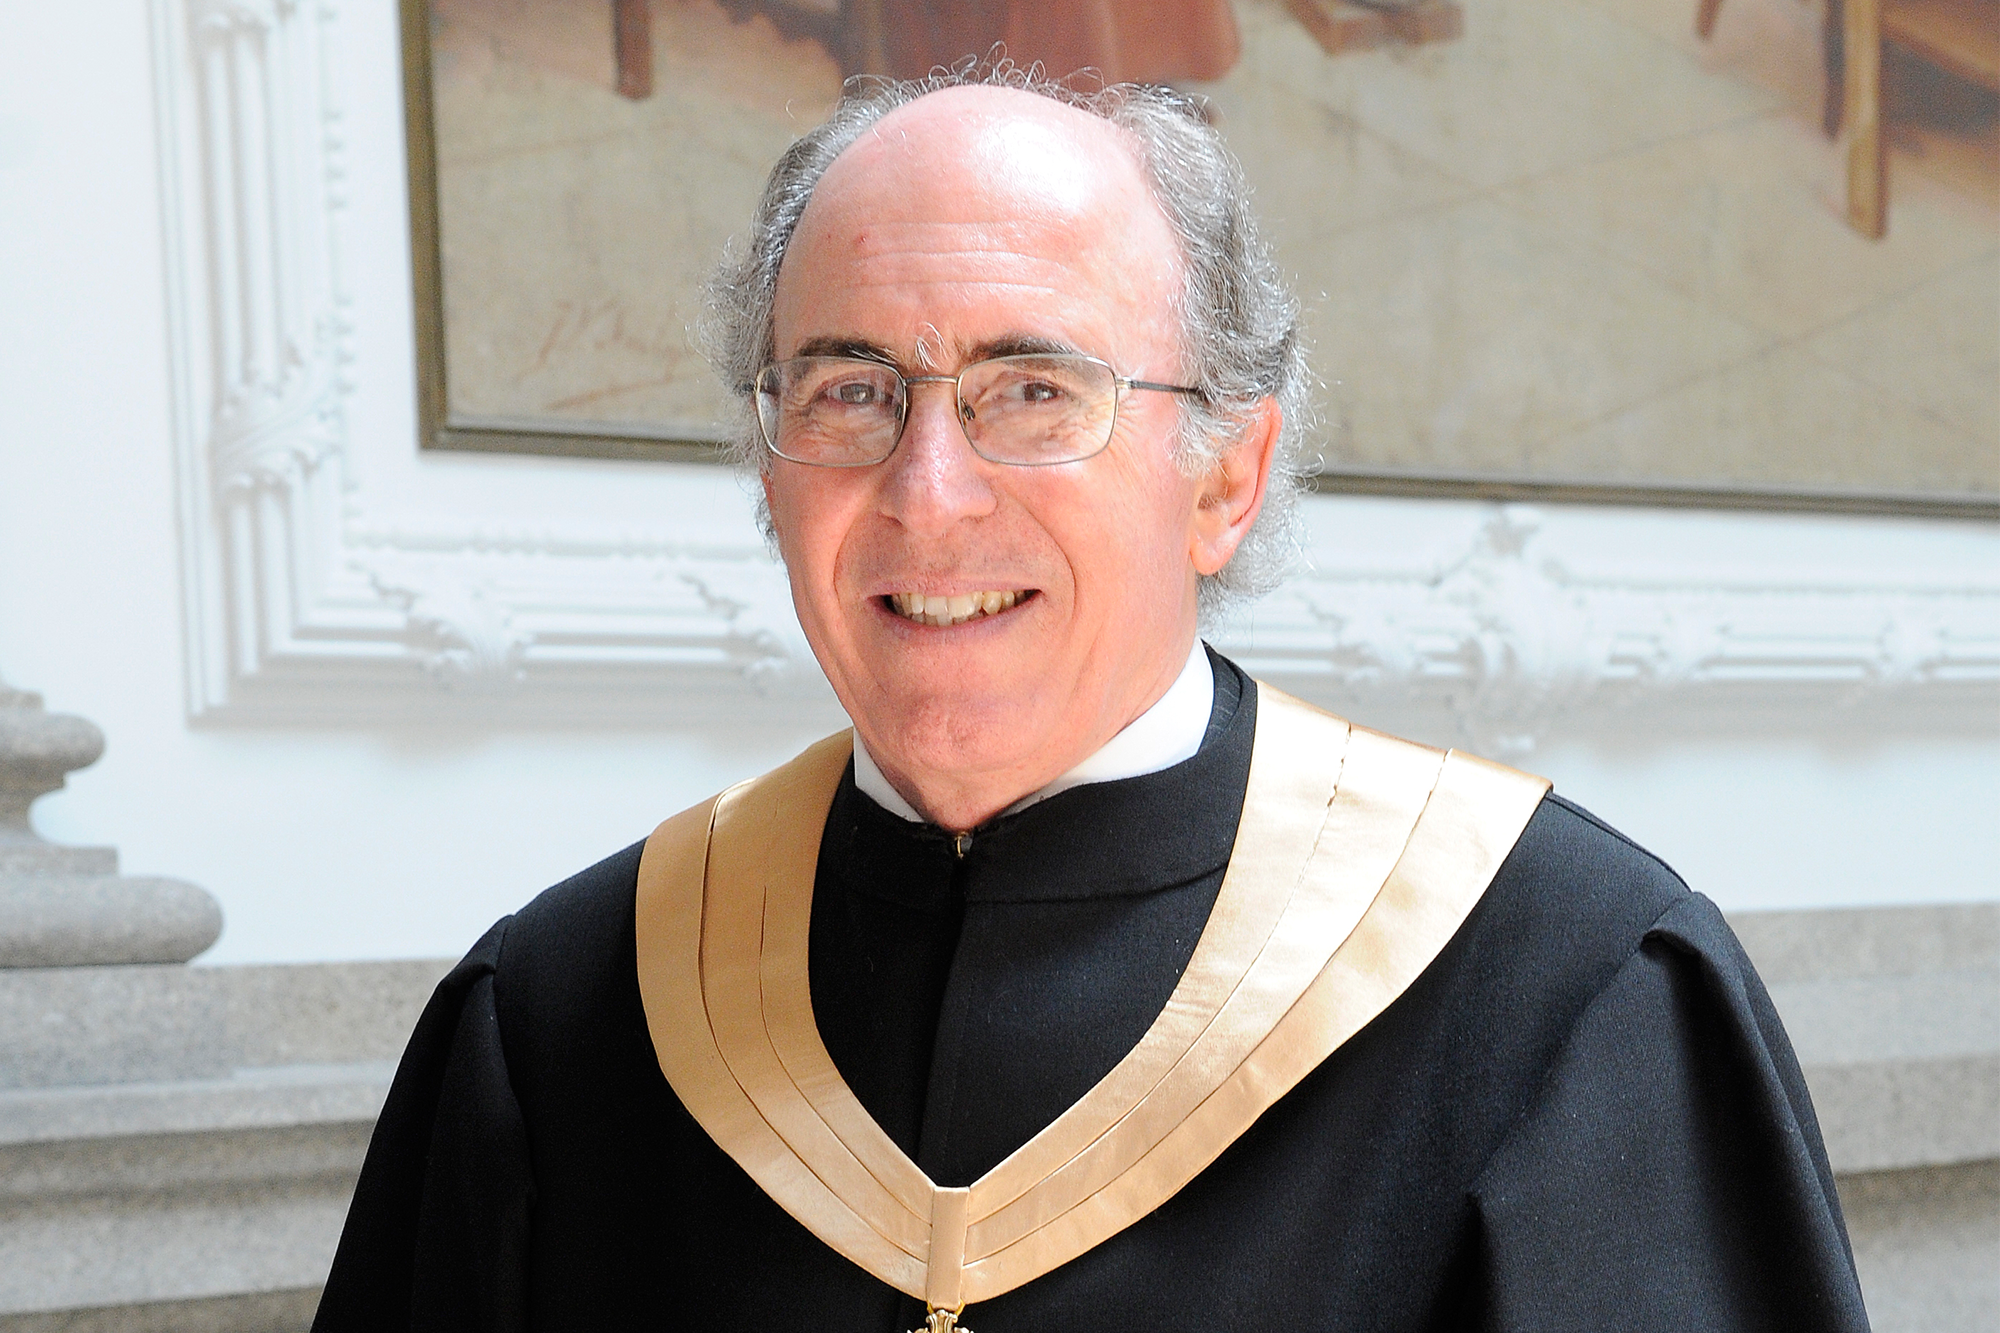 José Marques dos Santos foi nomeado Provedor do Munícipe esta terça-feira na reunião do Executivo da Câmara do Porto.